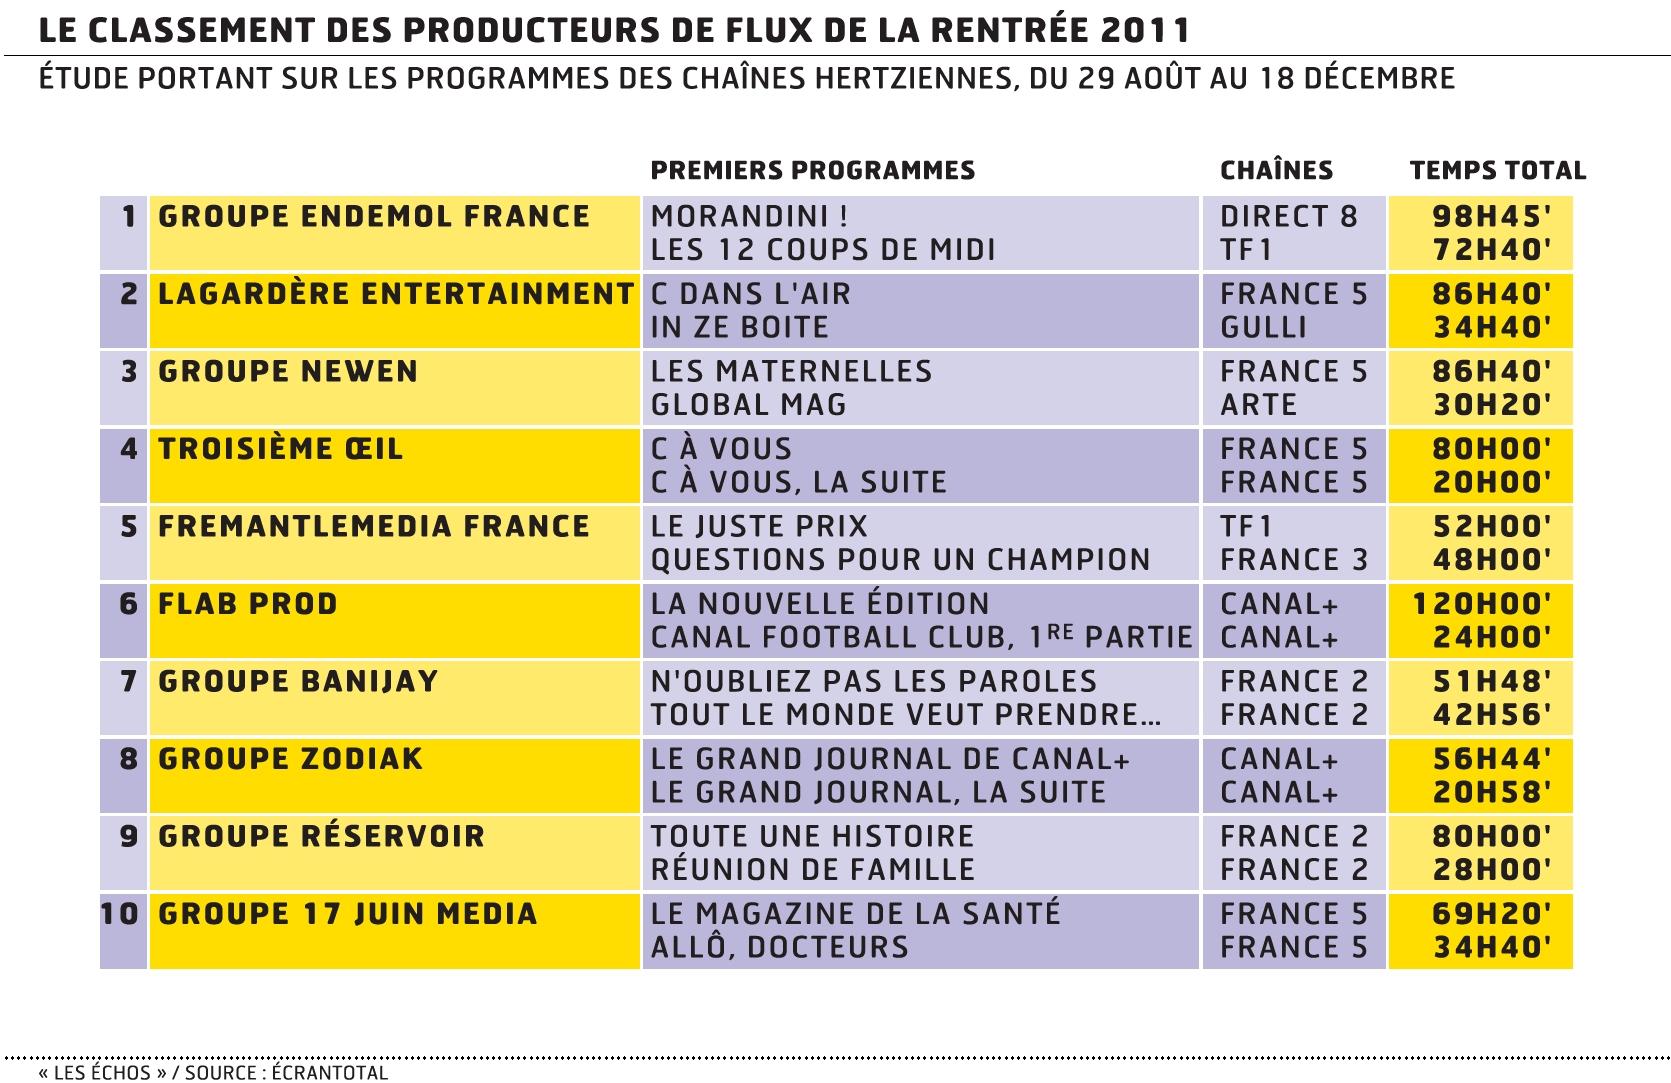 Production tv endemol premier groupe en volume horaire - Les grands maitres des 12 coups de midi ...